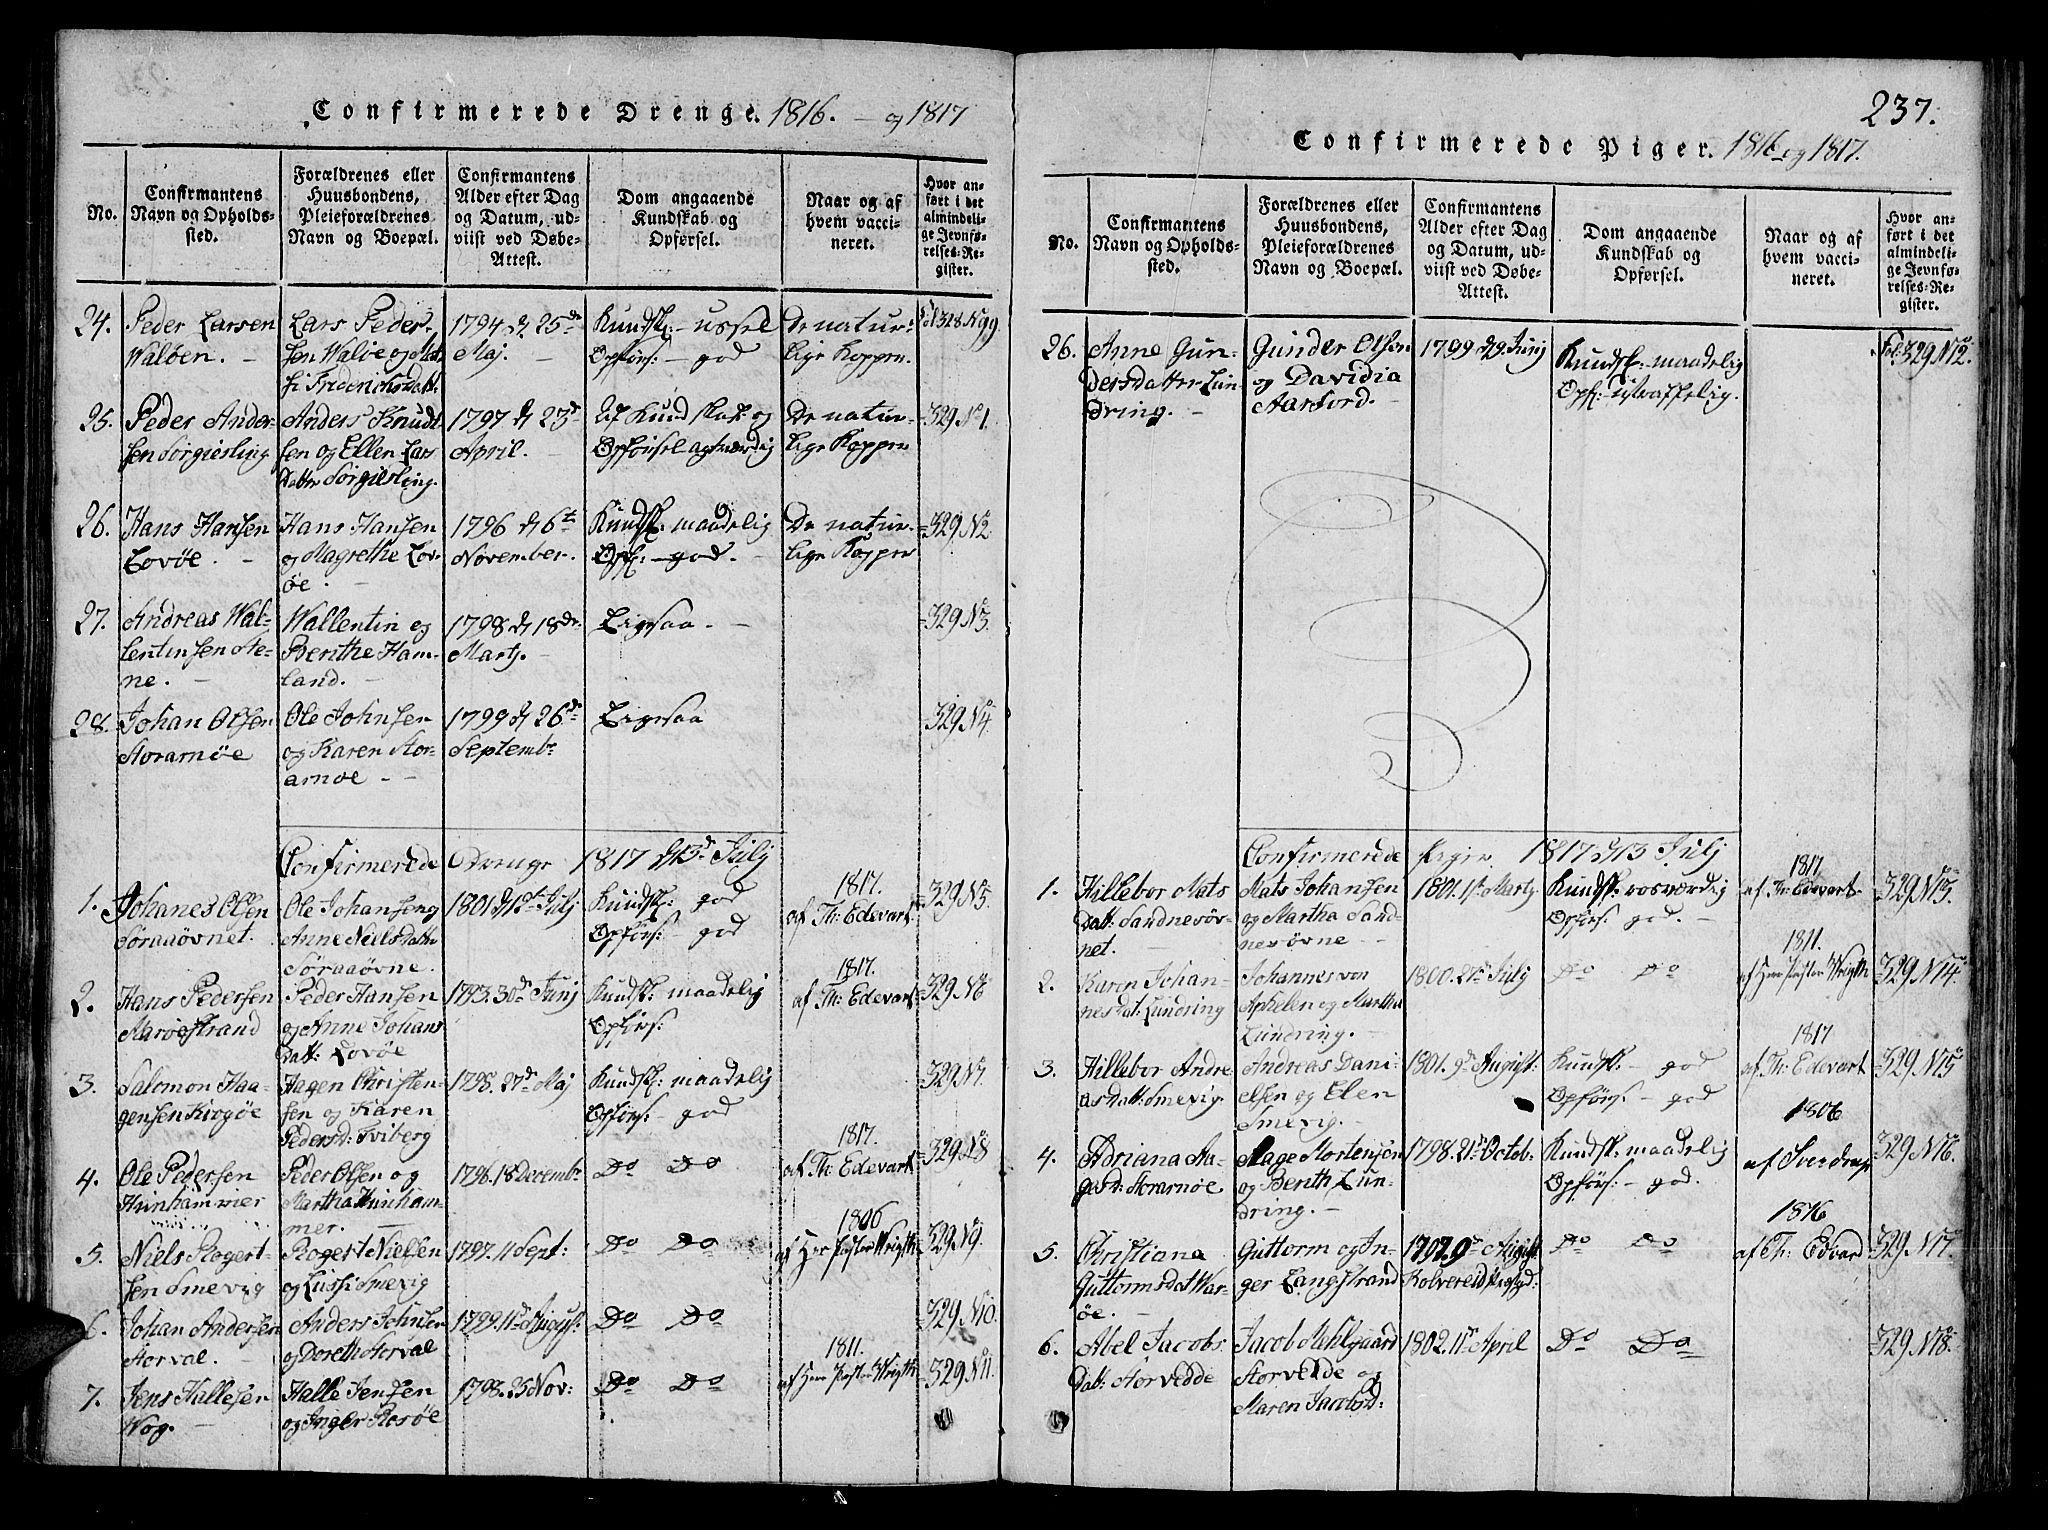 SAT, Ministerialprotokoller, klokkerbøker og fødselsregistre - Nord-Trøndelag, 784/L0667: Ministerialbok nr. 784A03 /1, 1816-1829, s. 237